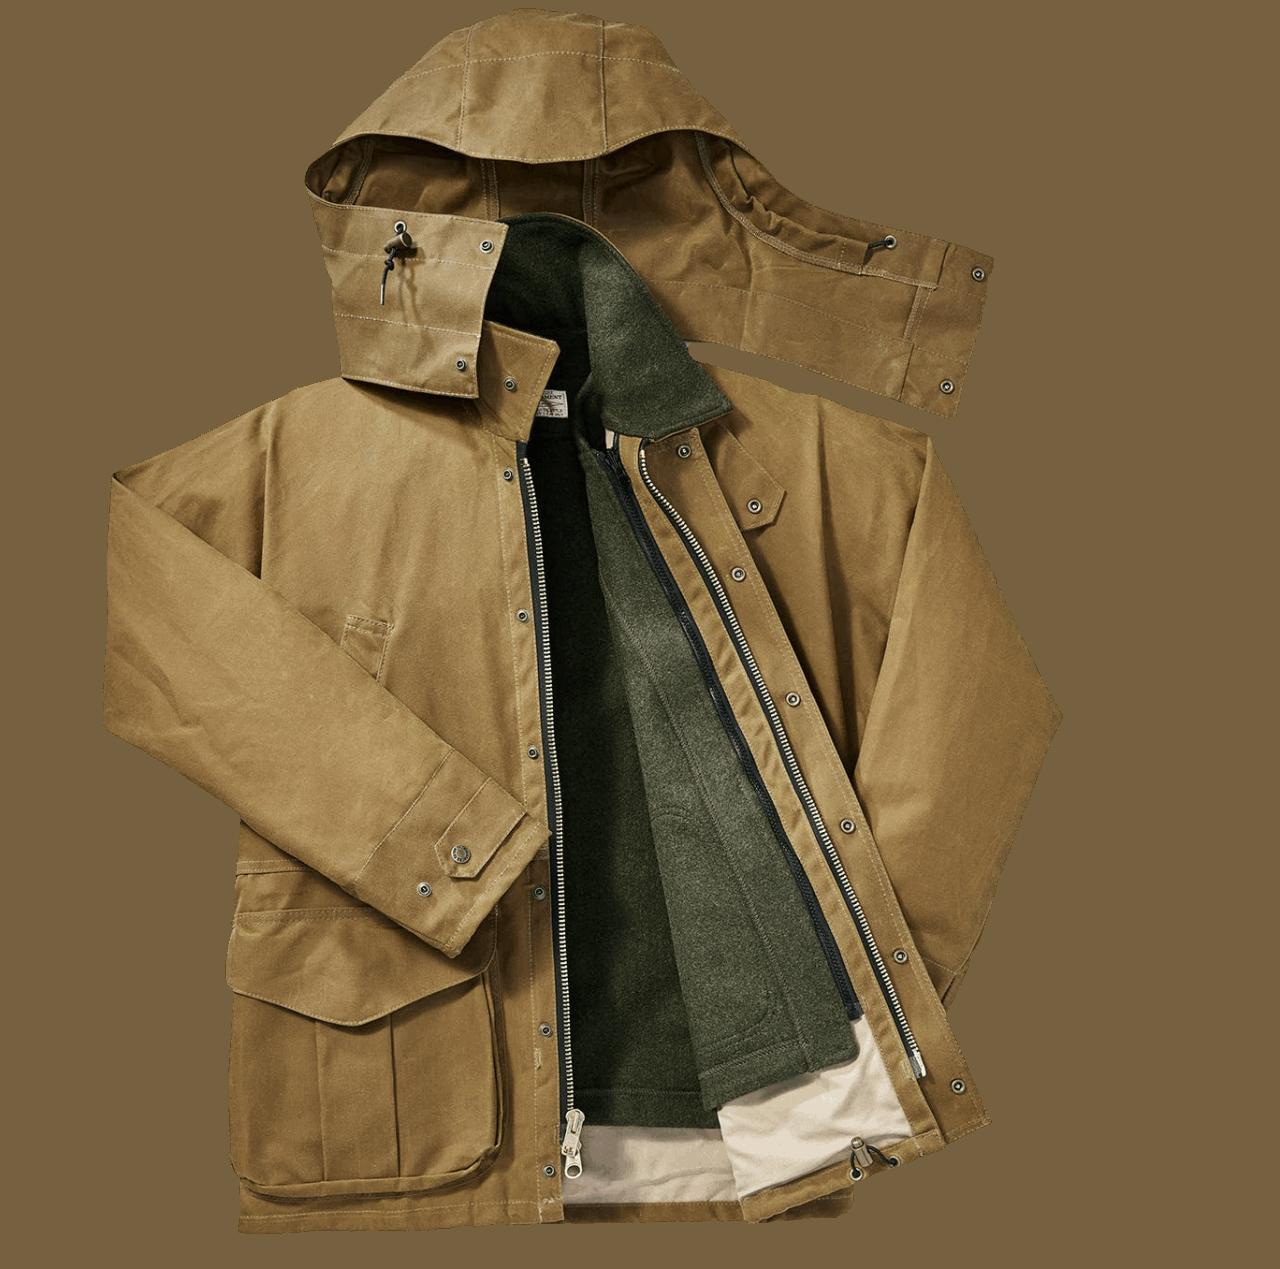 Filson Tin Cloth Field Jacket - Tan